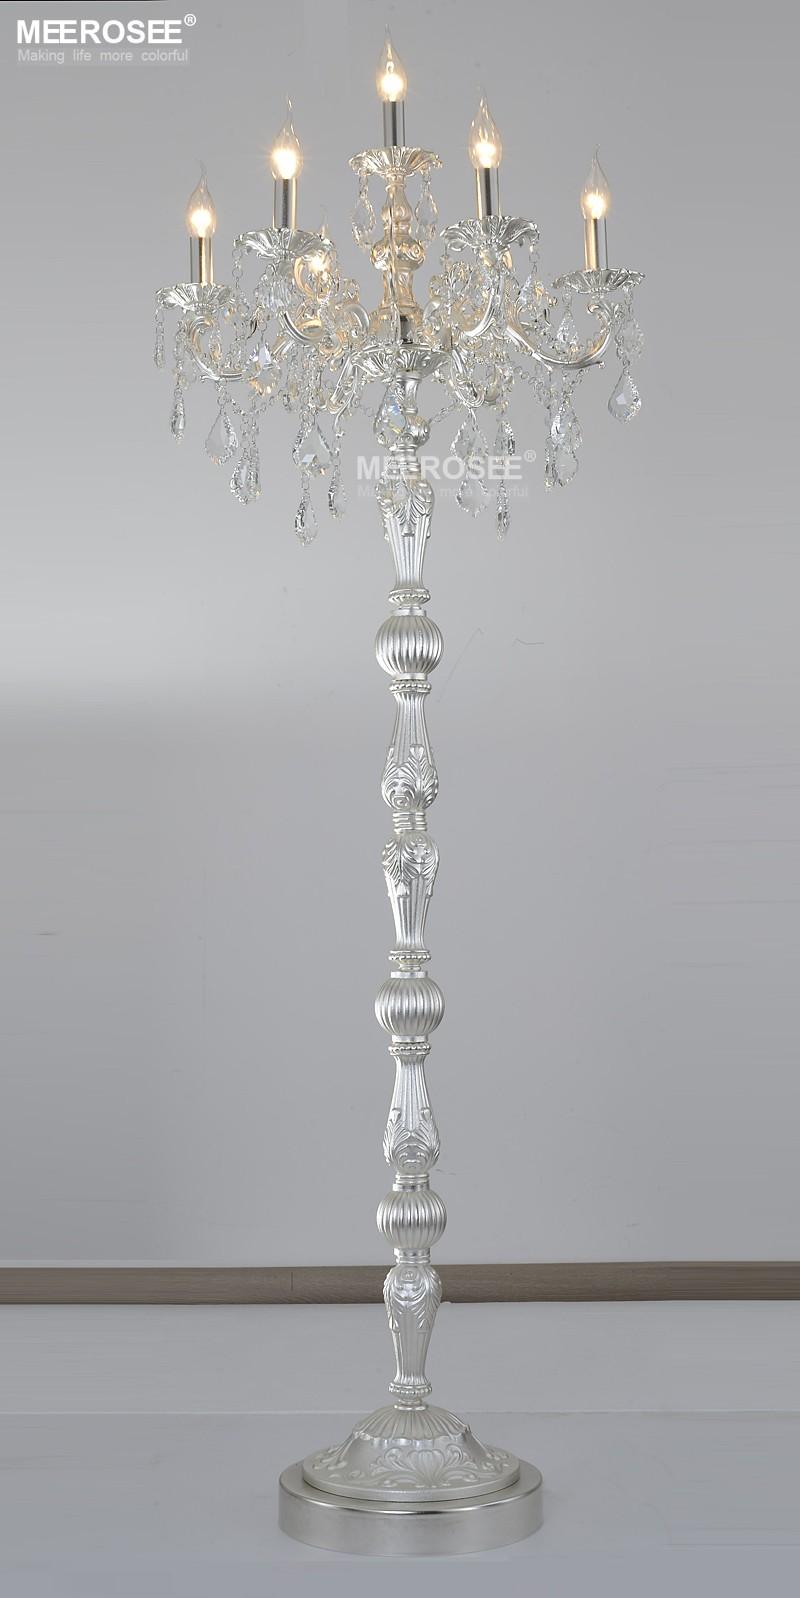 Klassische 7 Lichter Kristall Stehleuchte, Bodenständer Licht Fixture  Cristal Lustre Leuchter Stehlampe Center MD3134